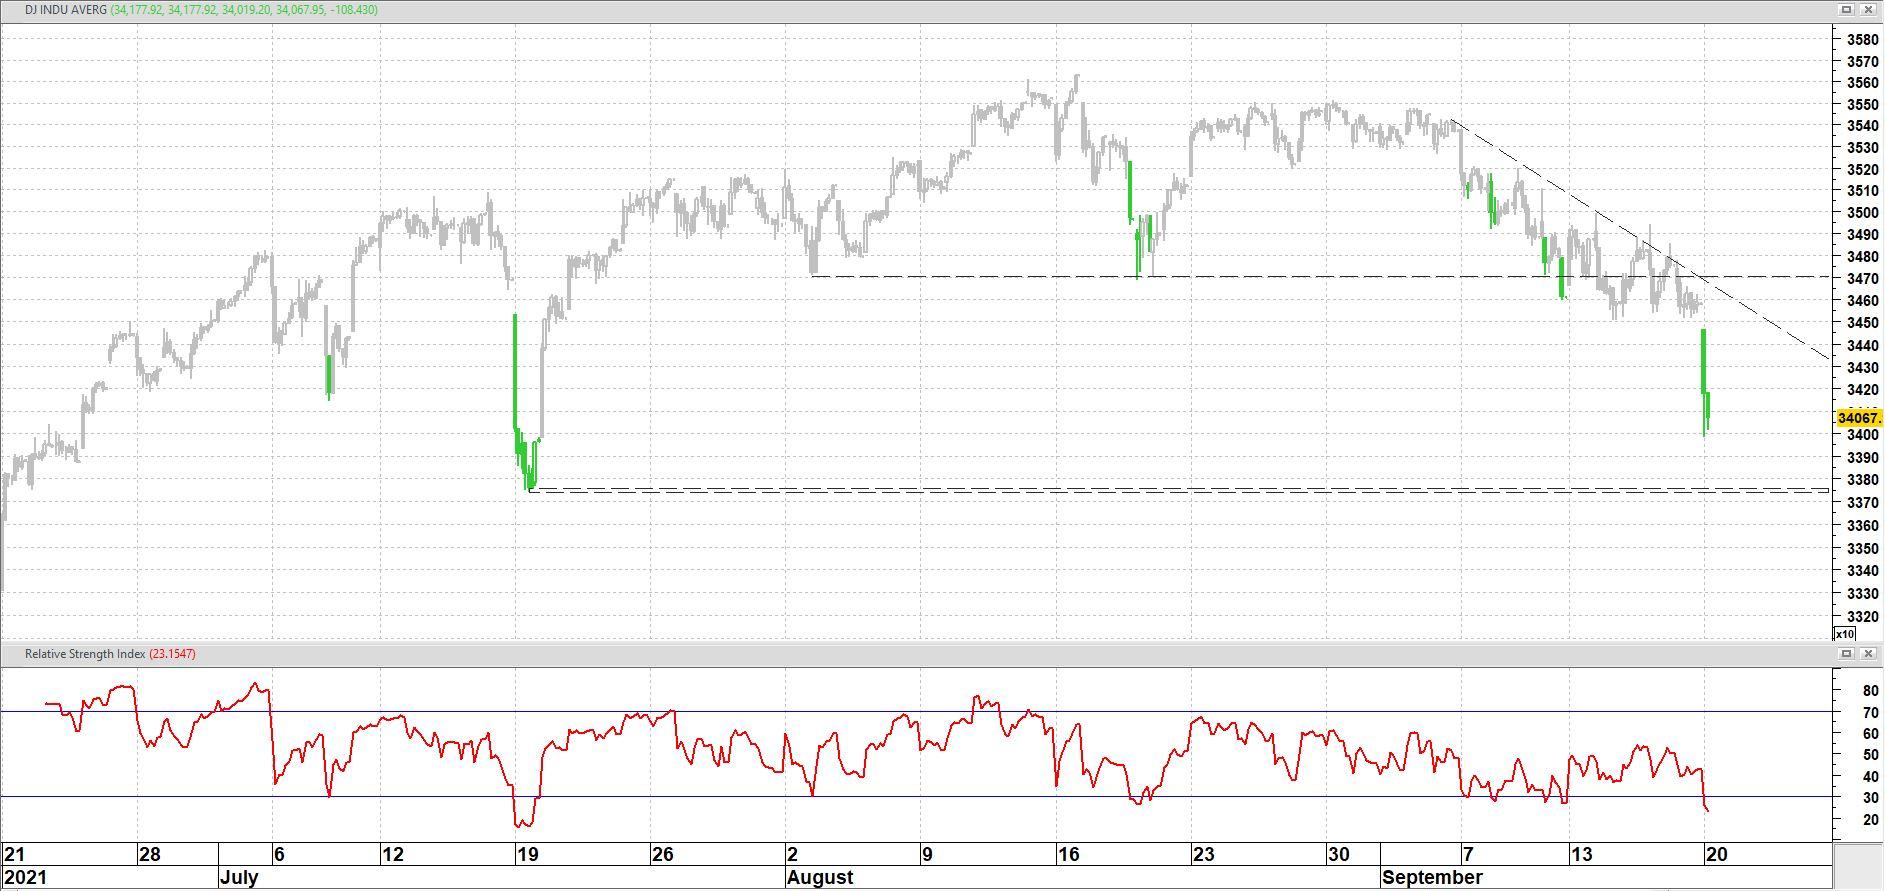 Dow Jones Industrial Average op uurbasis + relatieve sterkte index (RSI)